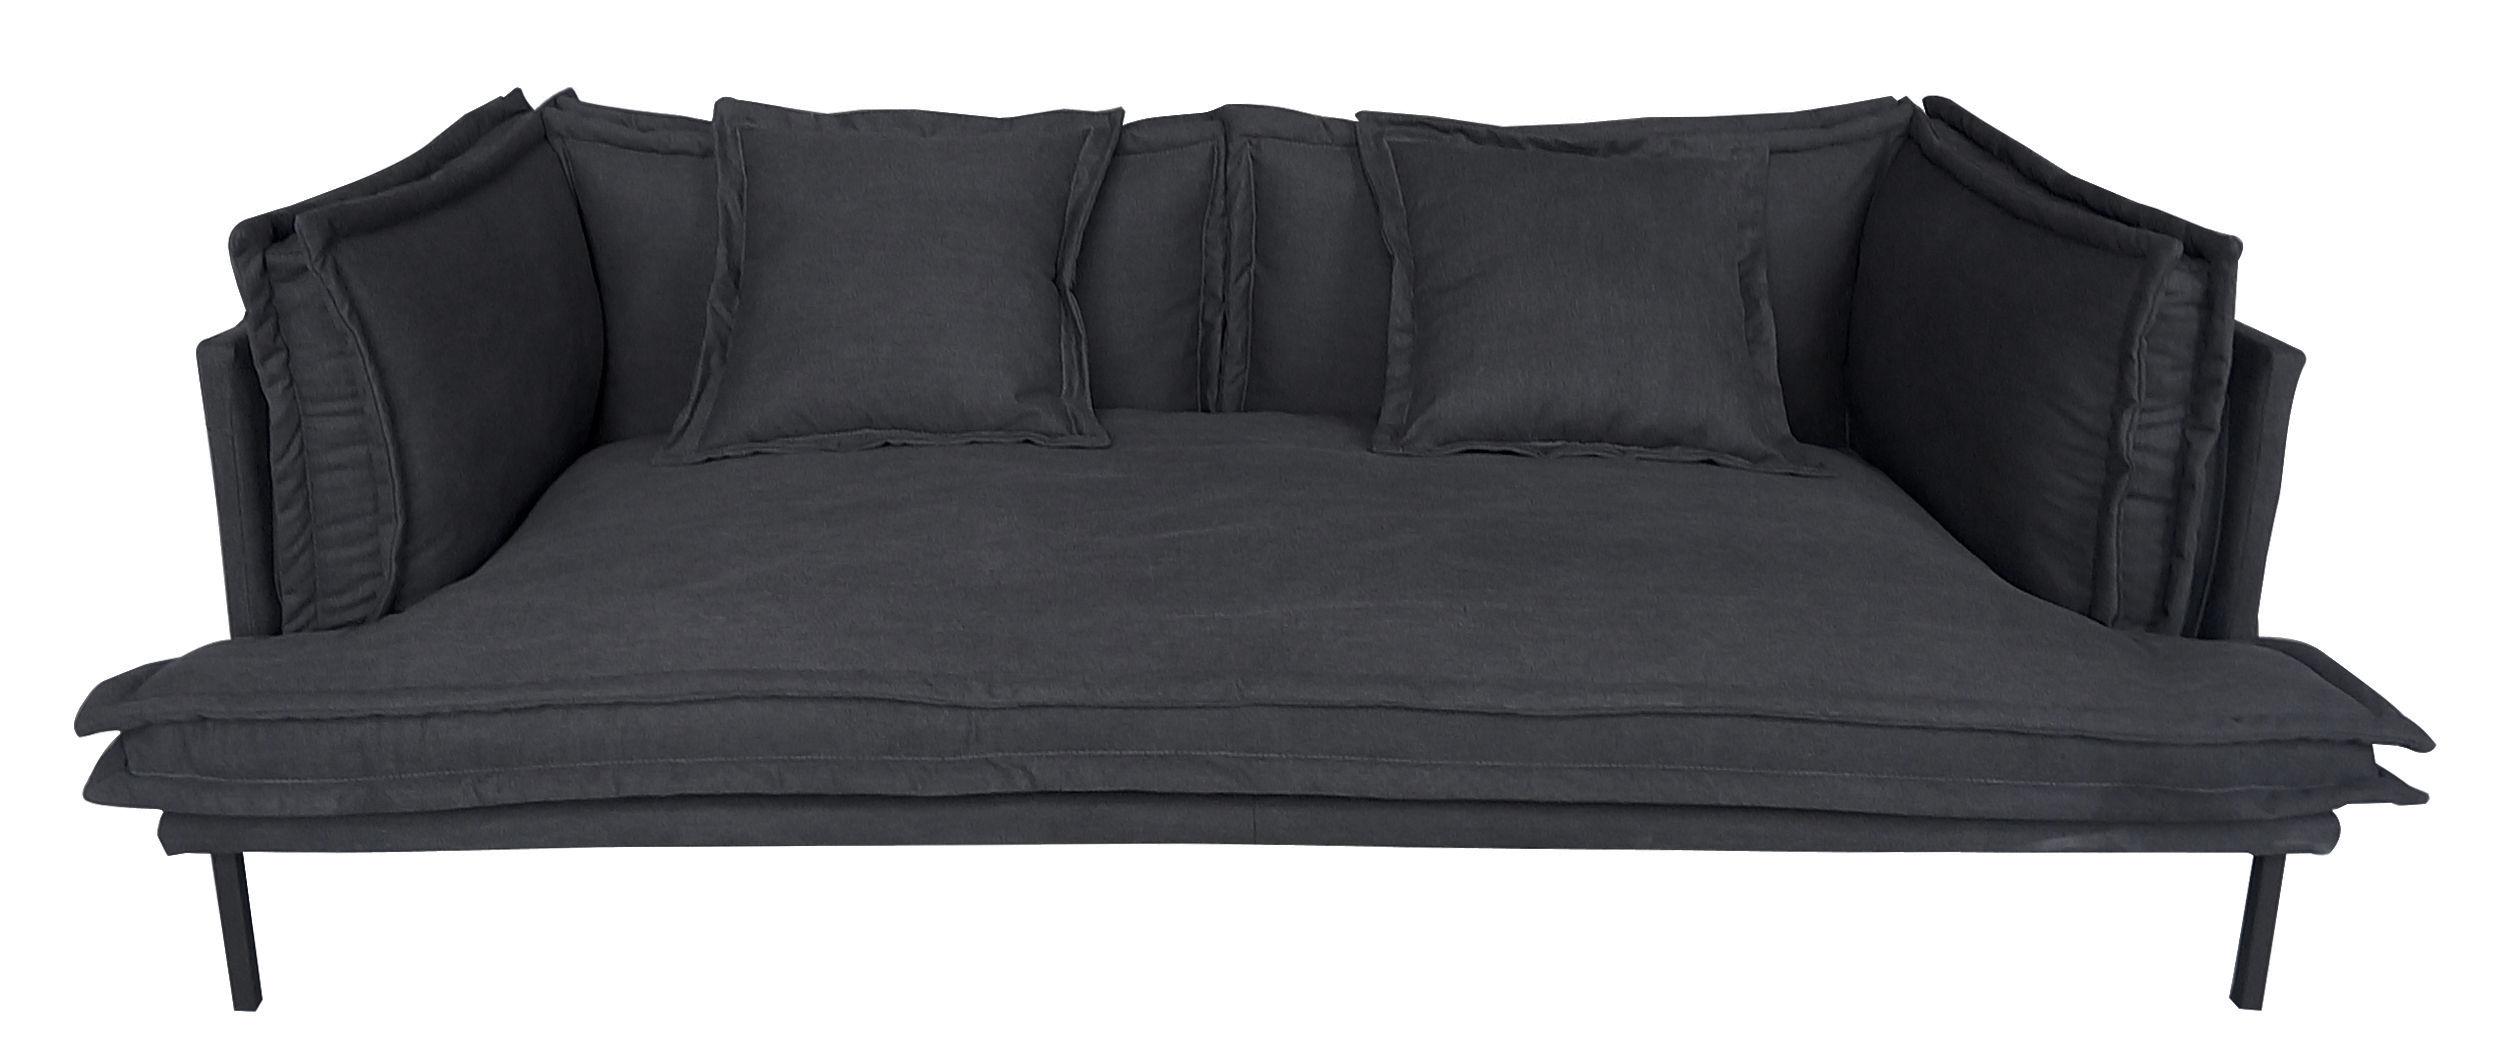 canap droit trexx 3 places l 220 cm exclusivit charbon dutsh pour made in design. Black Bedroom Furniture Sets. Home Design Ideas